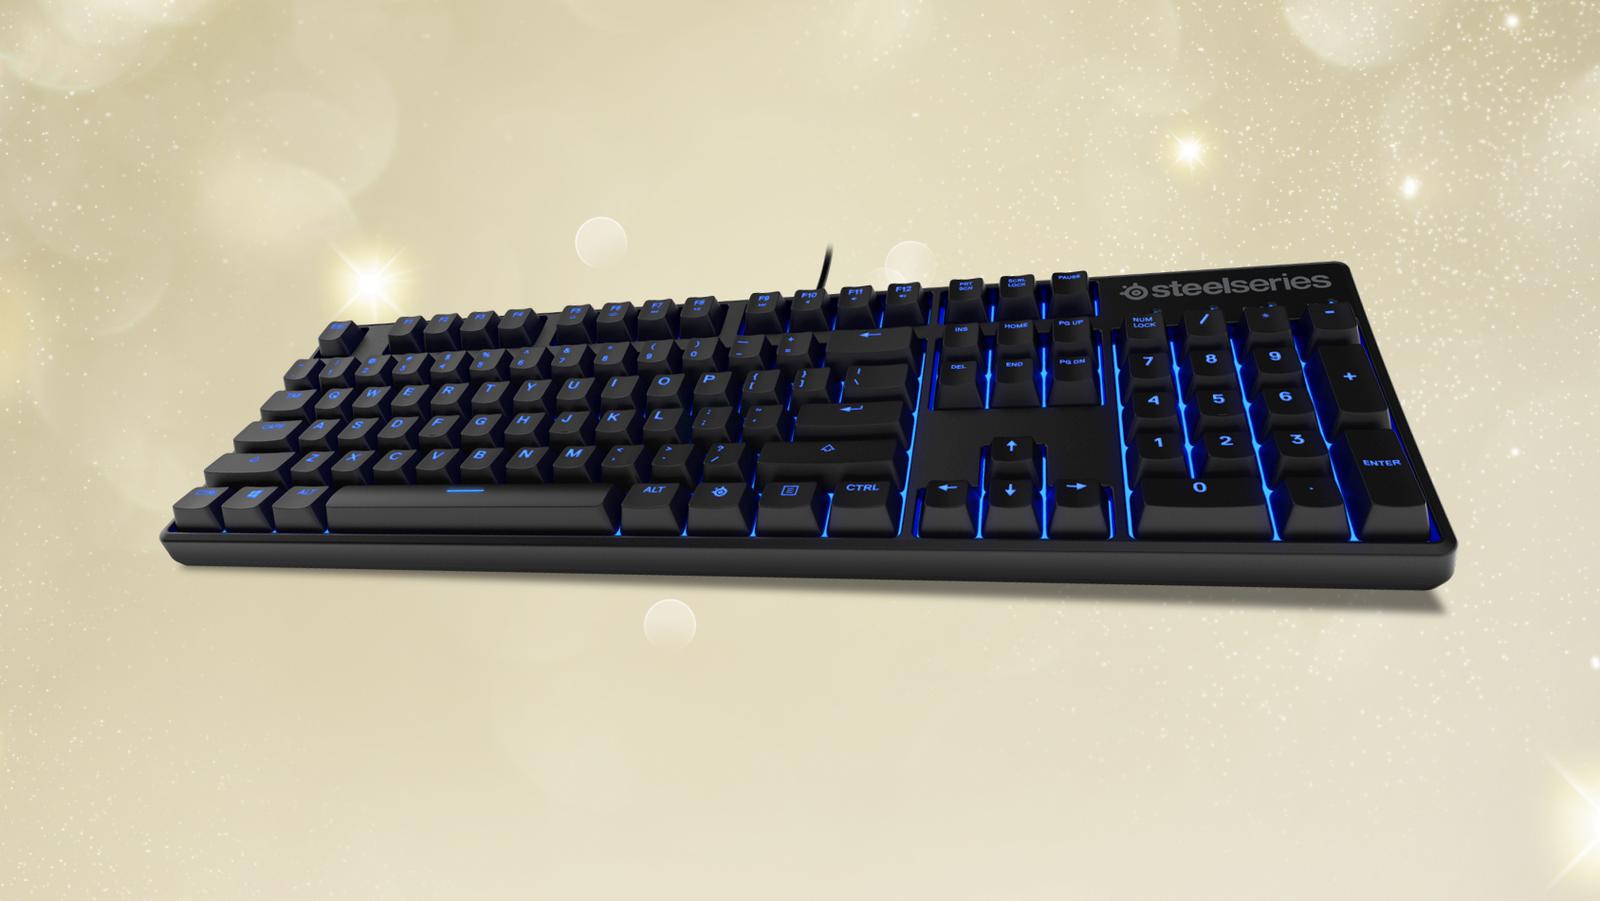 tastatur hp keyboard dansk Prissøk Gir deg laveste pris